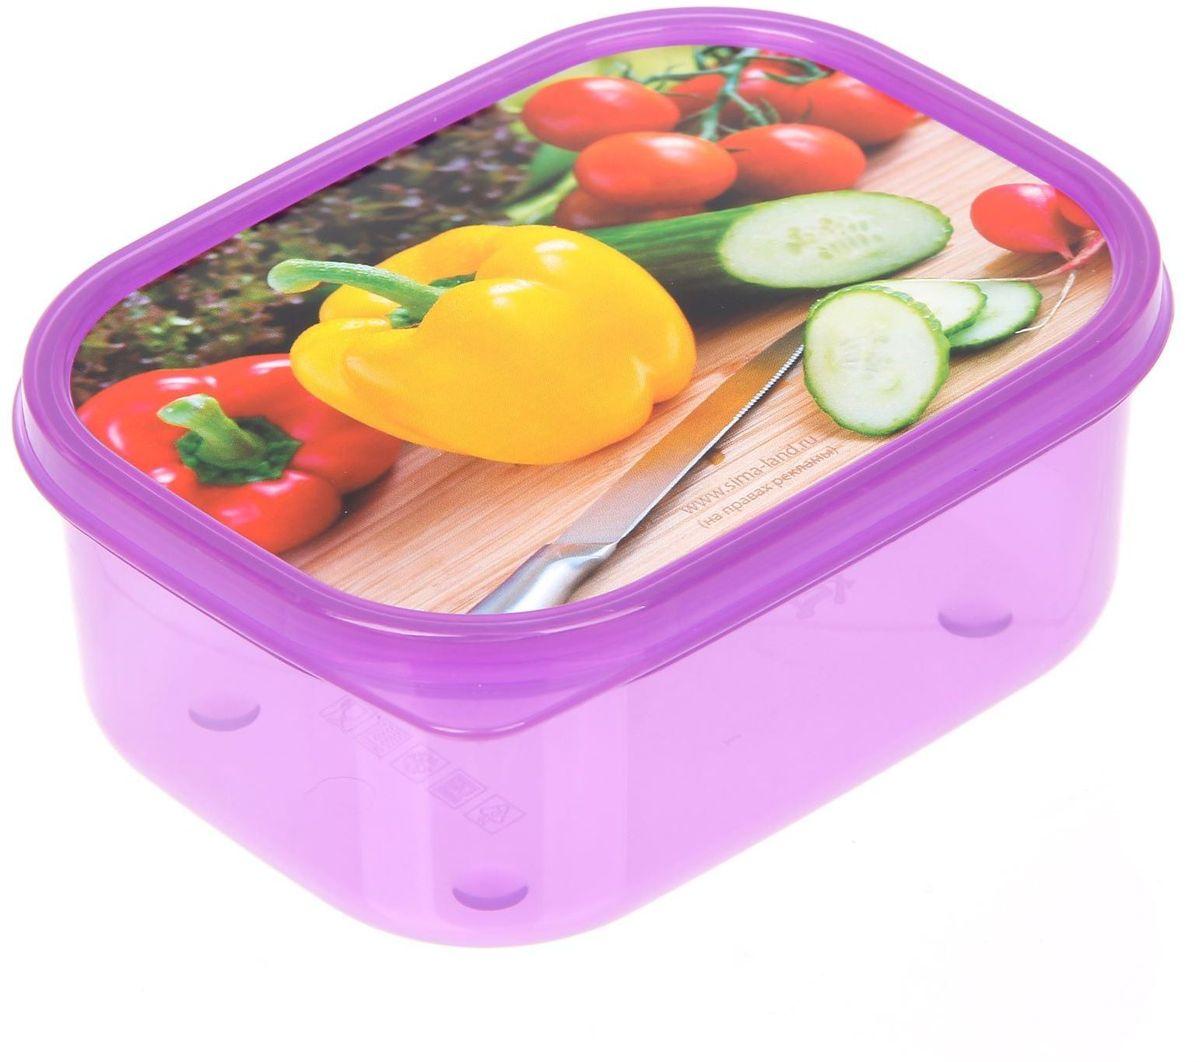 Ланч-бокс Доляна Овощи, прямоугольный, 500 мл1699869Ланч-бокс Доляна изготовлен из прочного пищевого пластика. В комплекте прилагается крышка подходящего размера, которая плотно и надежно закрывается и упрощает процесс транспортировки. Такой контейнер является незаменимым предметом кухонной утвари, ведь у него много преимуществ: Простота ухода. Ланч-бокс достаточно промыть теплой водой с небольшим количеством чистящего средства. Вместительность. Изделие позволяет разместить разнообразные продукты от сахара до супов. Эргономичность. Ланч-боксы очень легко хранить даже в самой маленькой кухне, так как их можно поставить один в другой по принципу матрешки. Многофункциональность. Он пригодится, если после вкусного обеда осталась еда, а насладиться трапезой хочется и на следующий день. Можно использовать не только на кухне, но и для хранения различных бытовых предметов, а также брать с собой еду на работу или учебу. Не использовать пластиковые контейнеры в духовых шкафах и на открытом огне, а также не разогревать в микроволновых печах при закрытой крышке ланч-бокса.